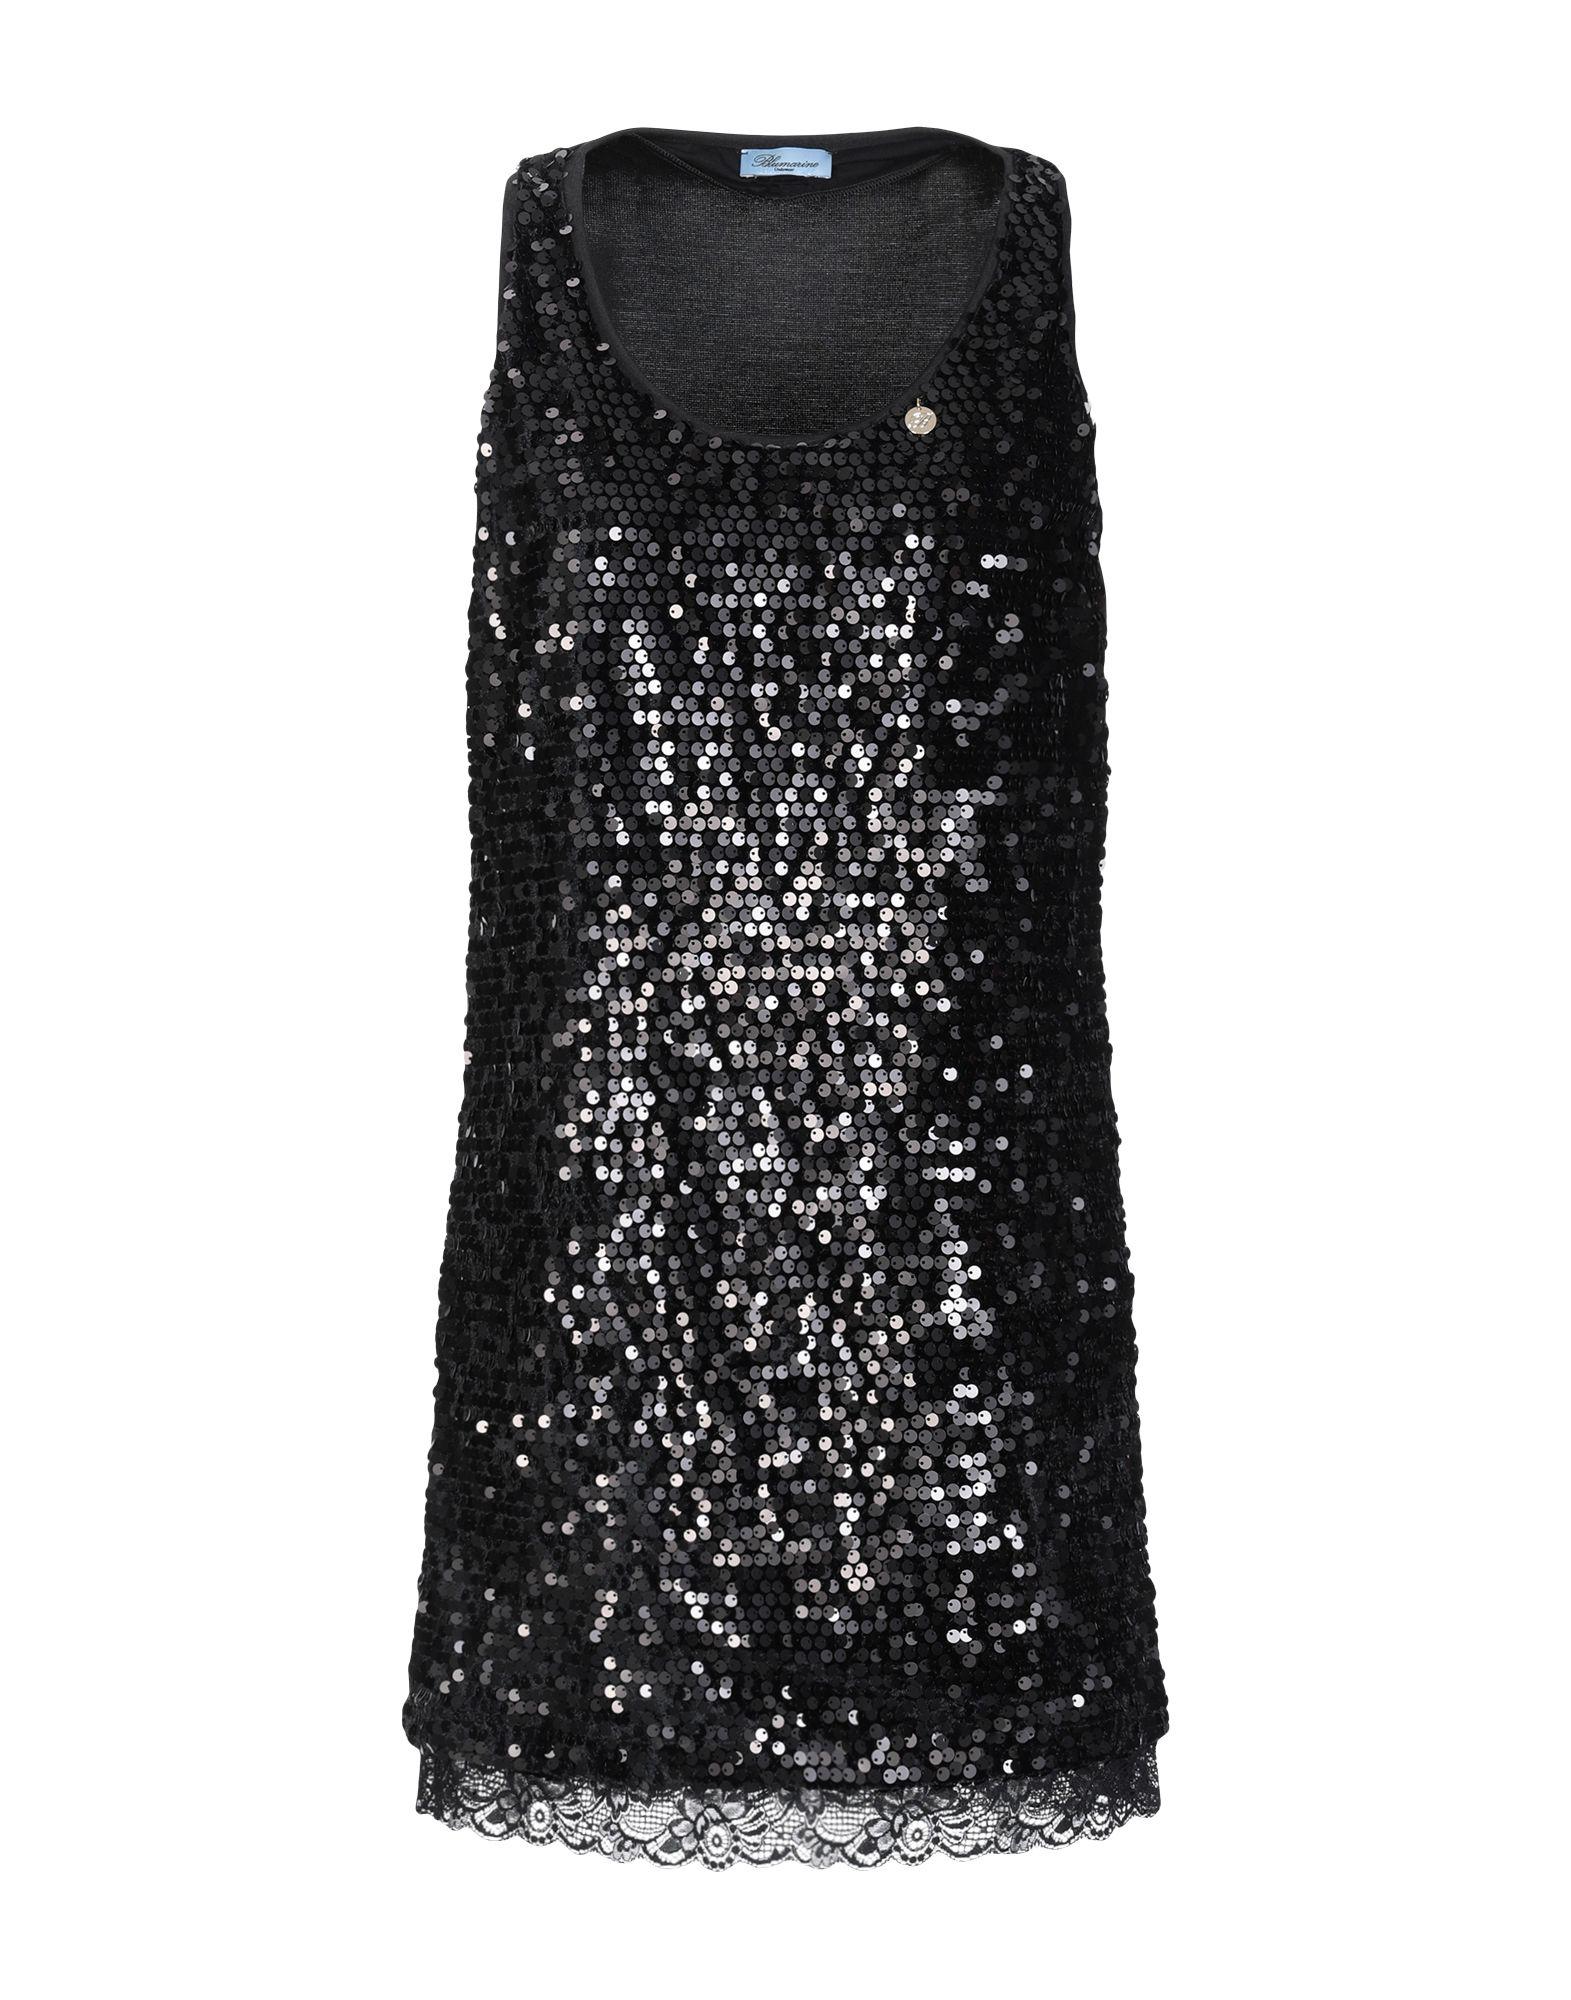 BLUMARINE Короткое платье платье без рукавов с кружевной вставкой на спинке